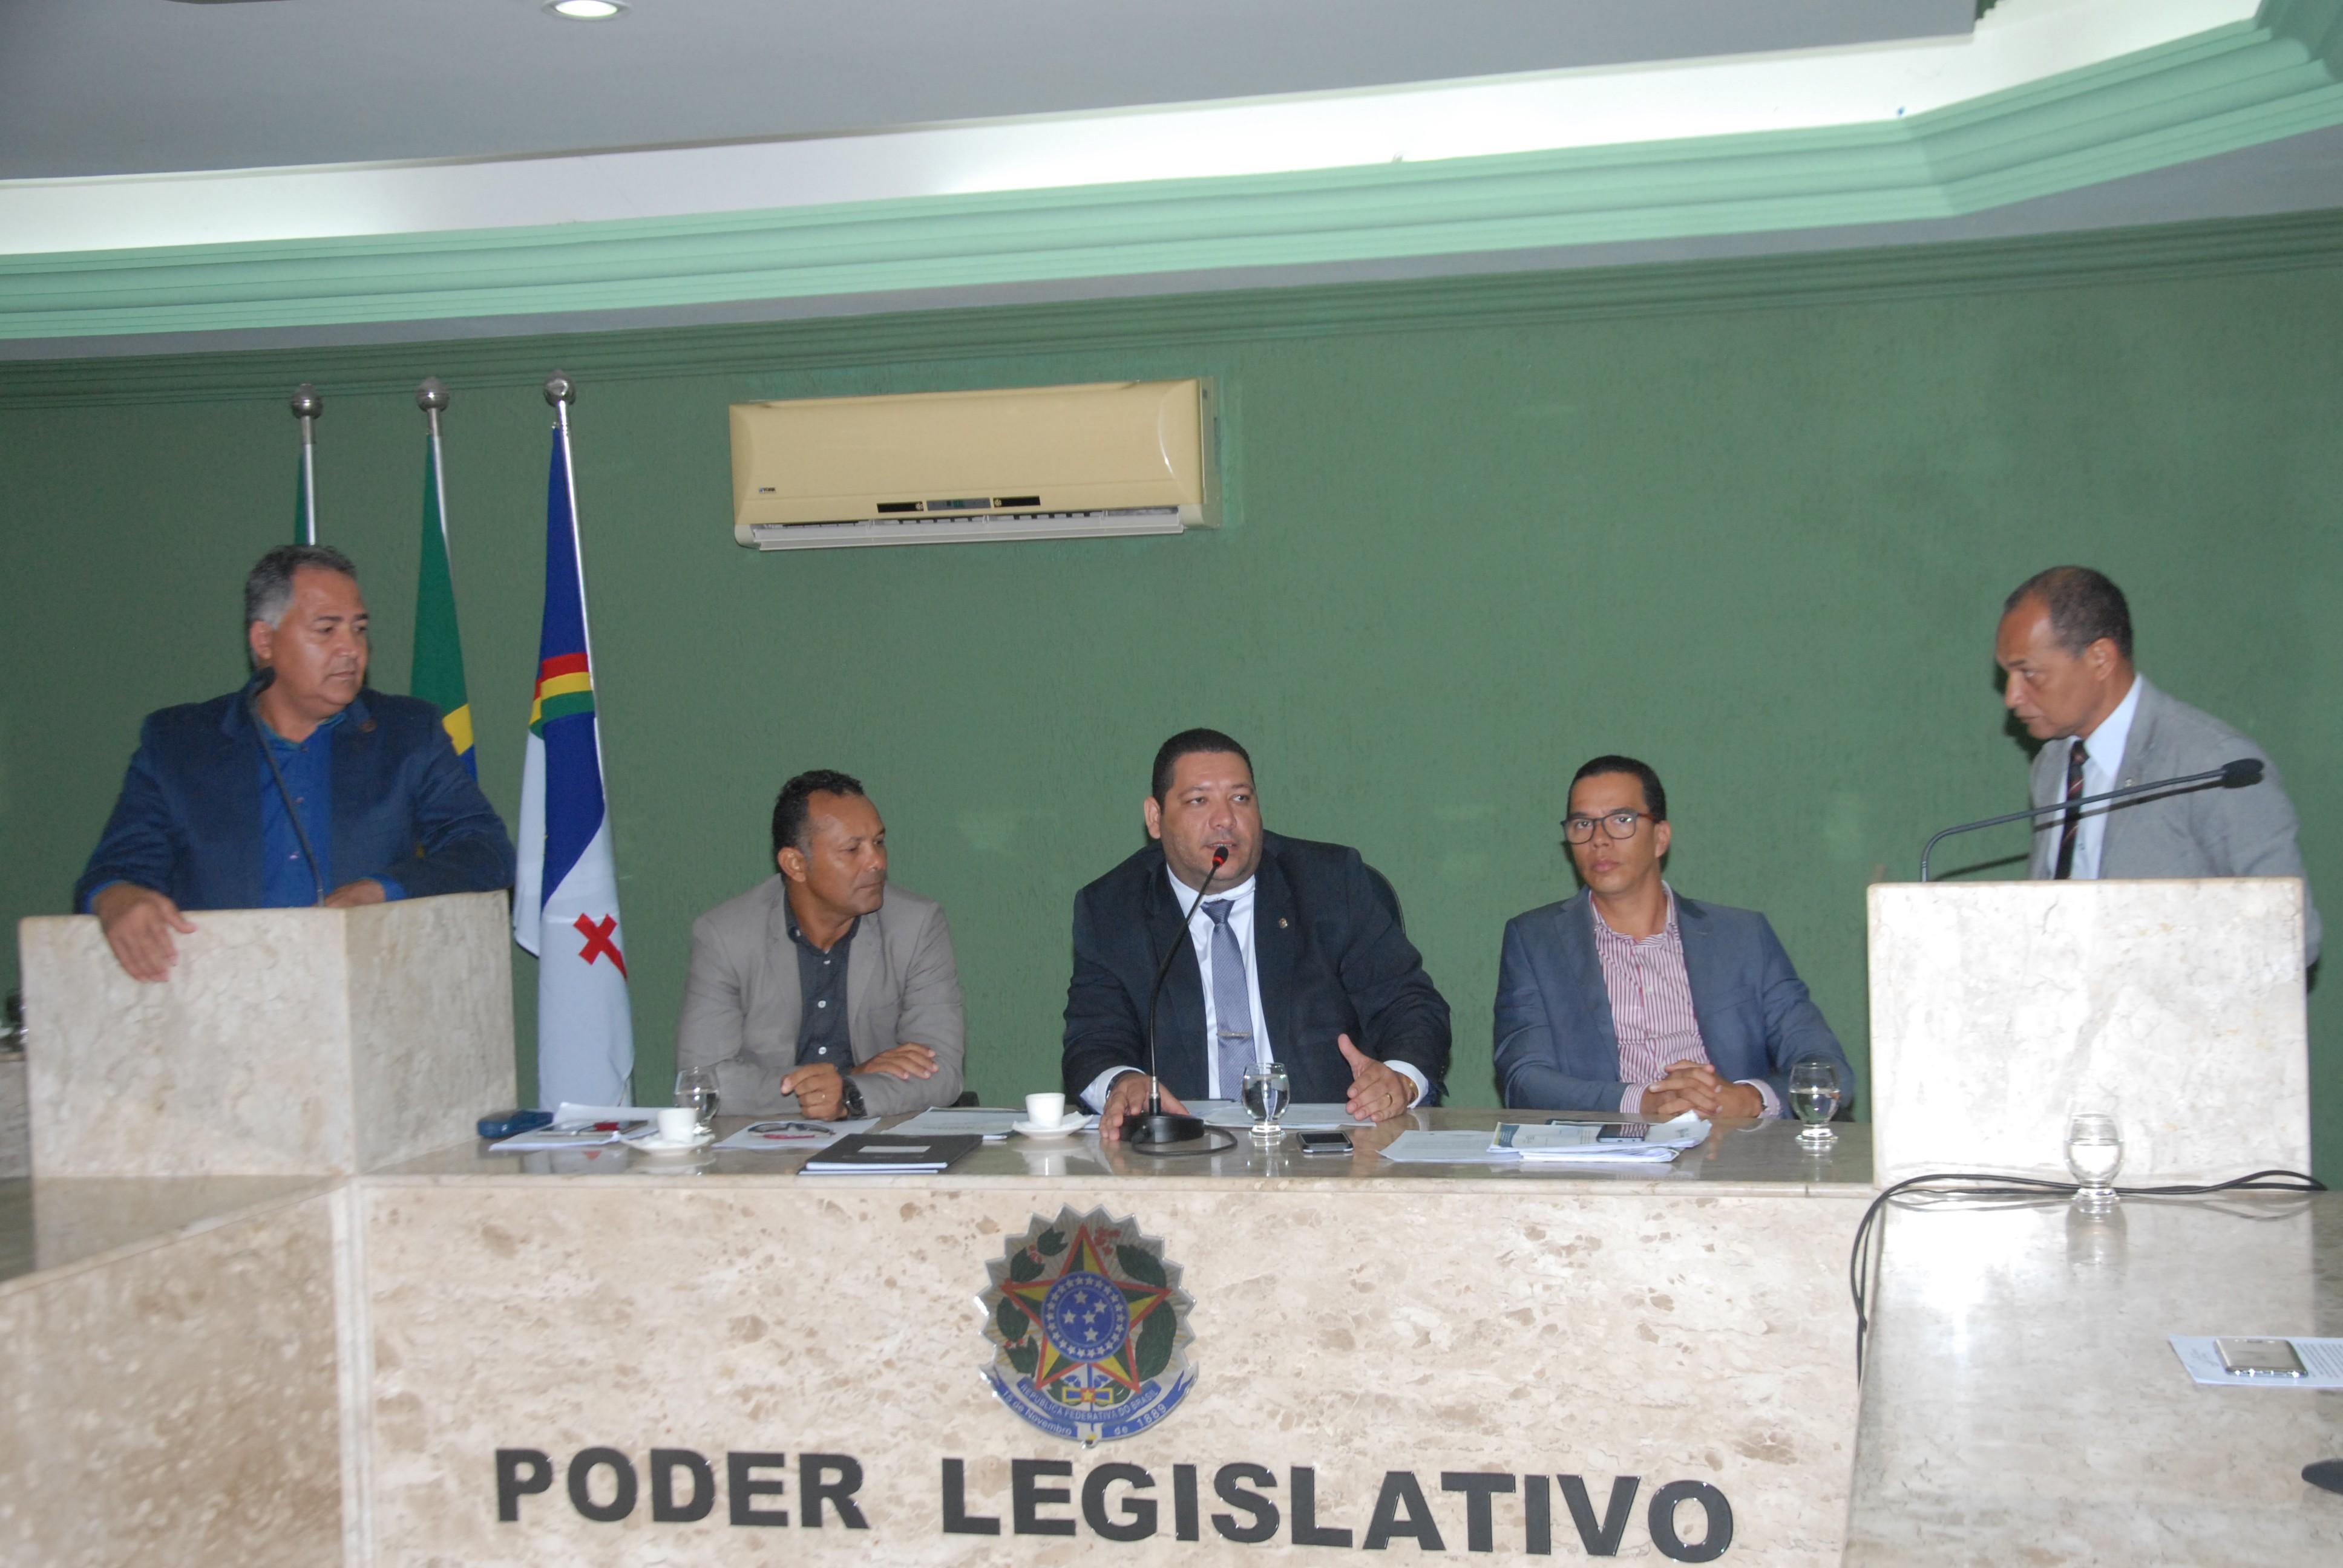 Câmara Municipal aprova projeto que cria o Programa Tutor Institucional de Bolsa para Educação Básica